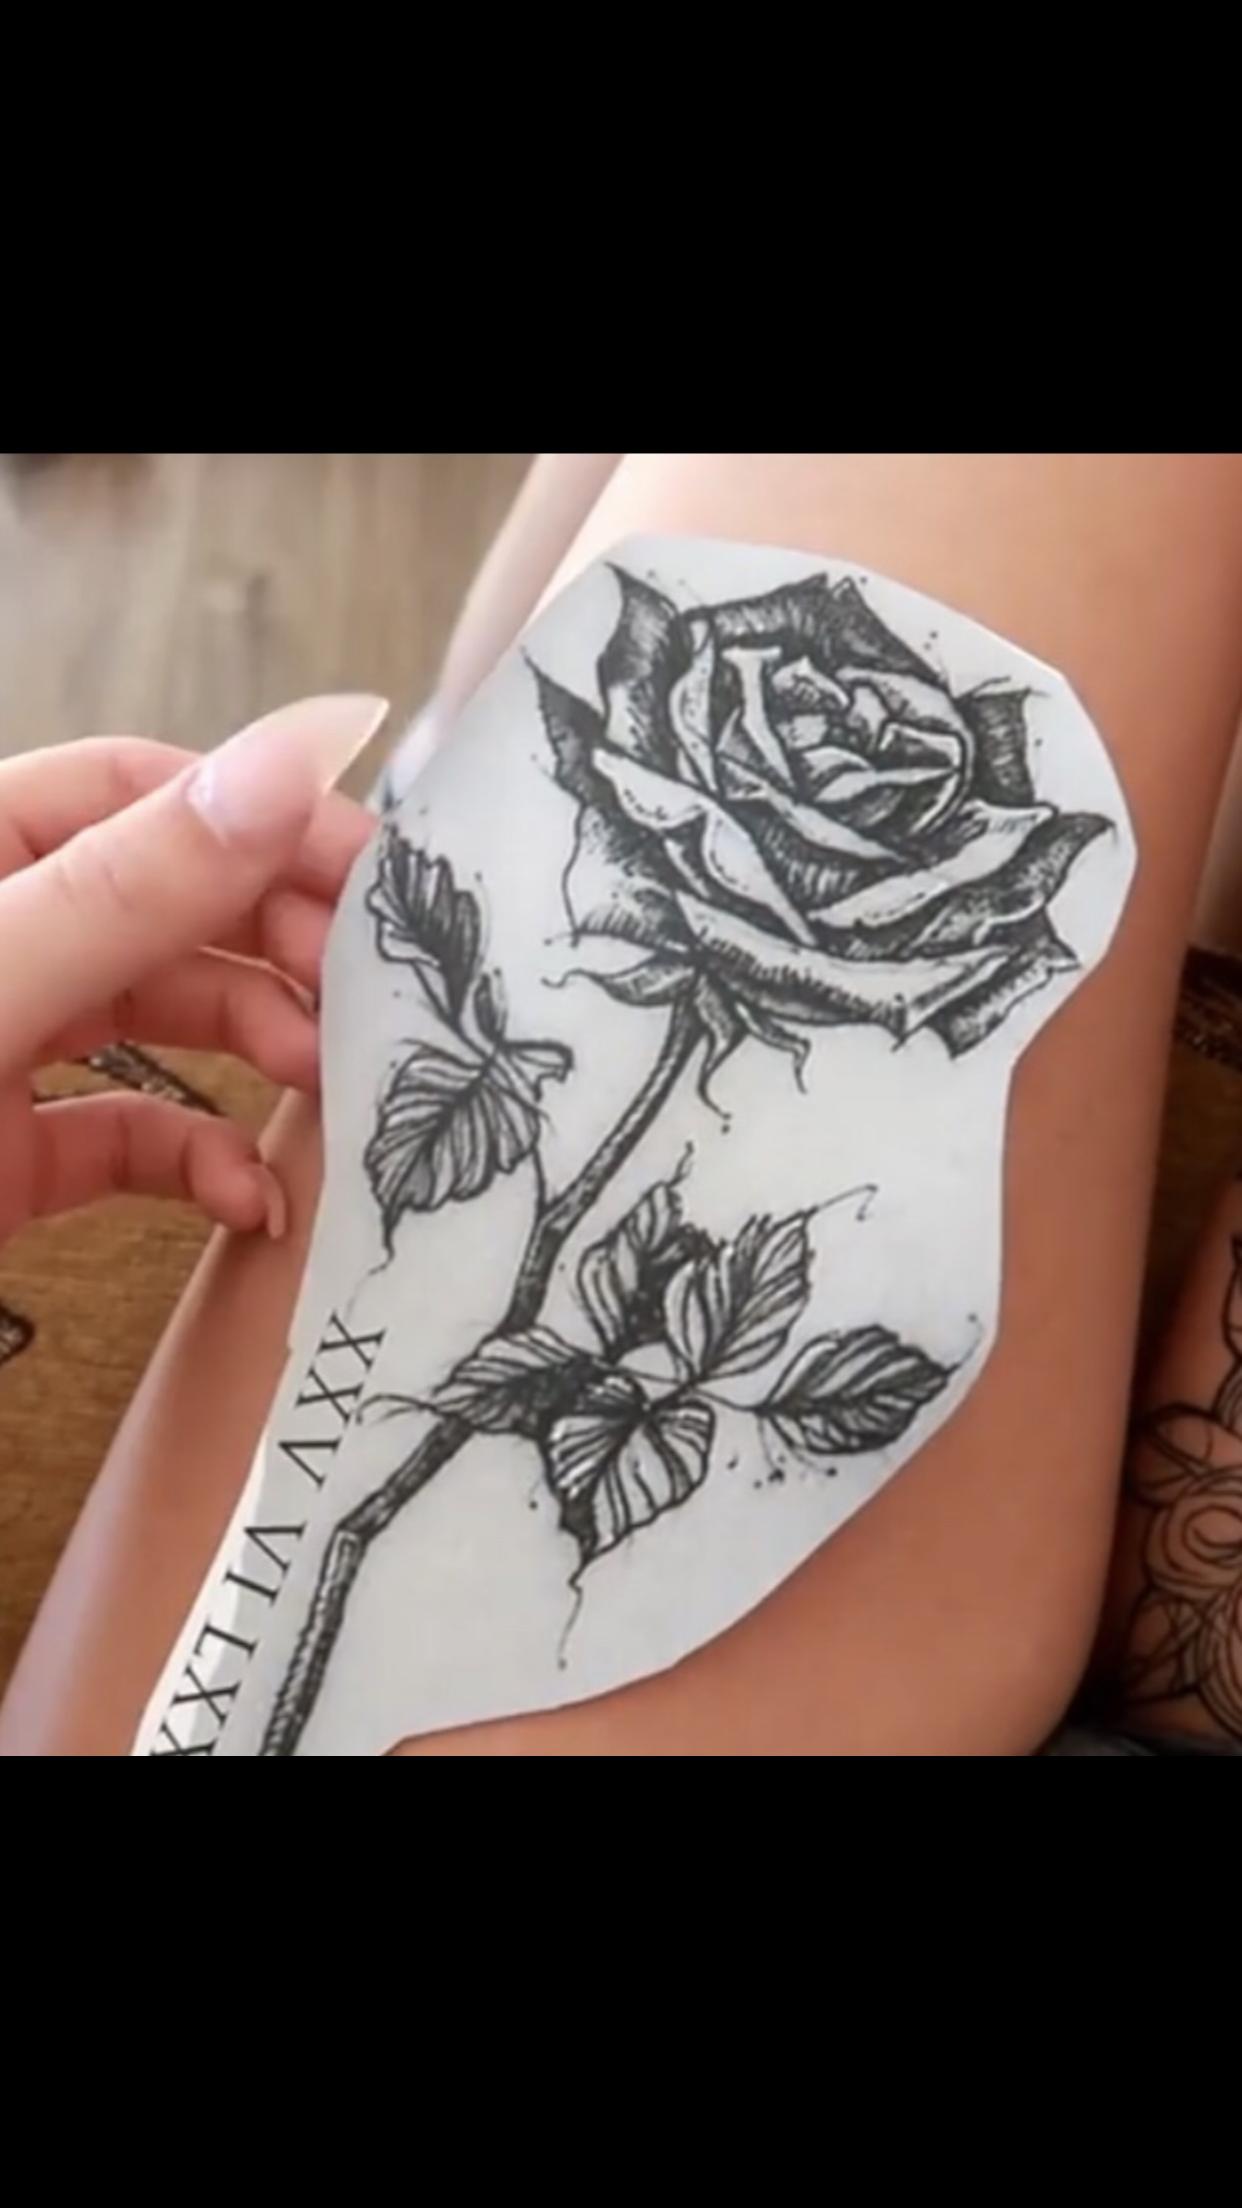 Rosen Tattoo Mit Stiel Und Geburtsdatum In Römischen Zahlen Wie Viel